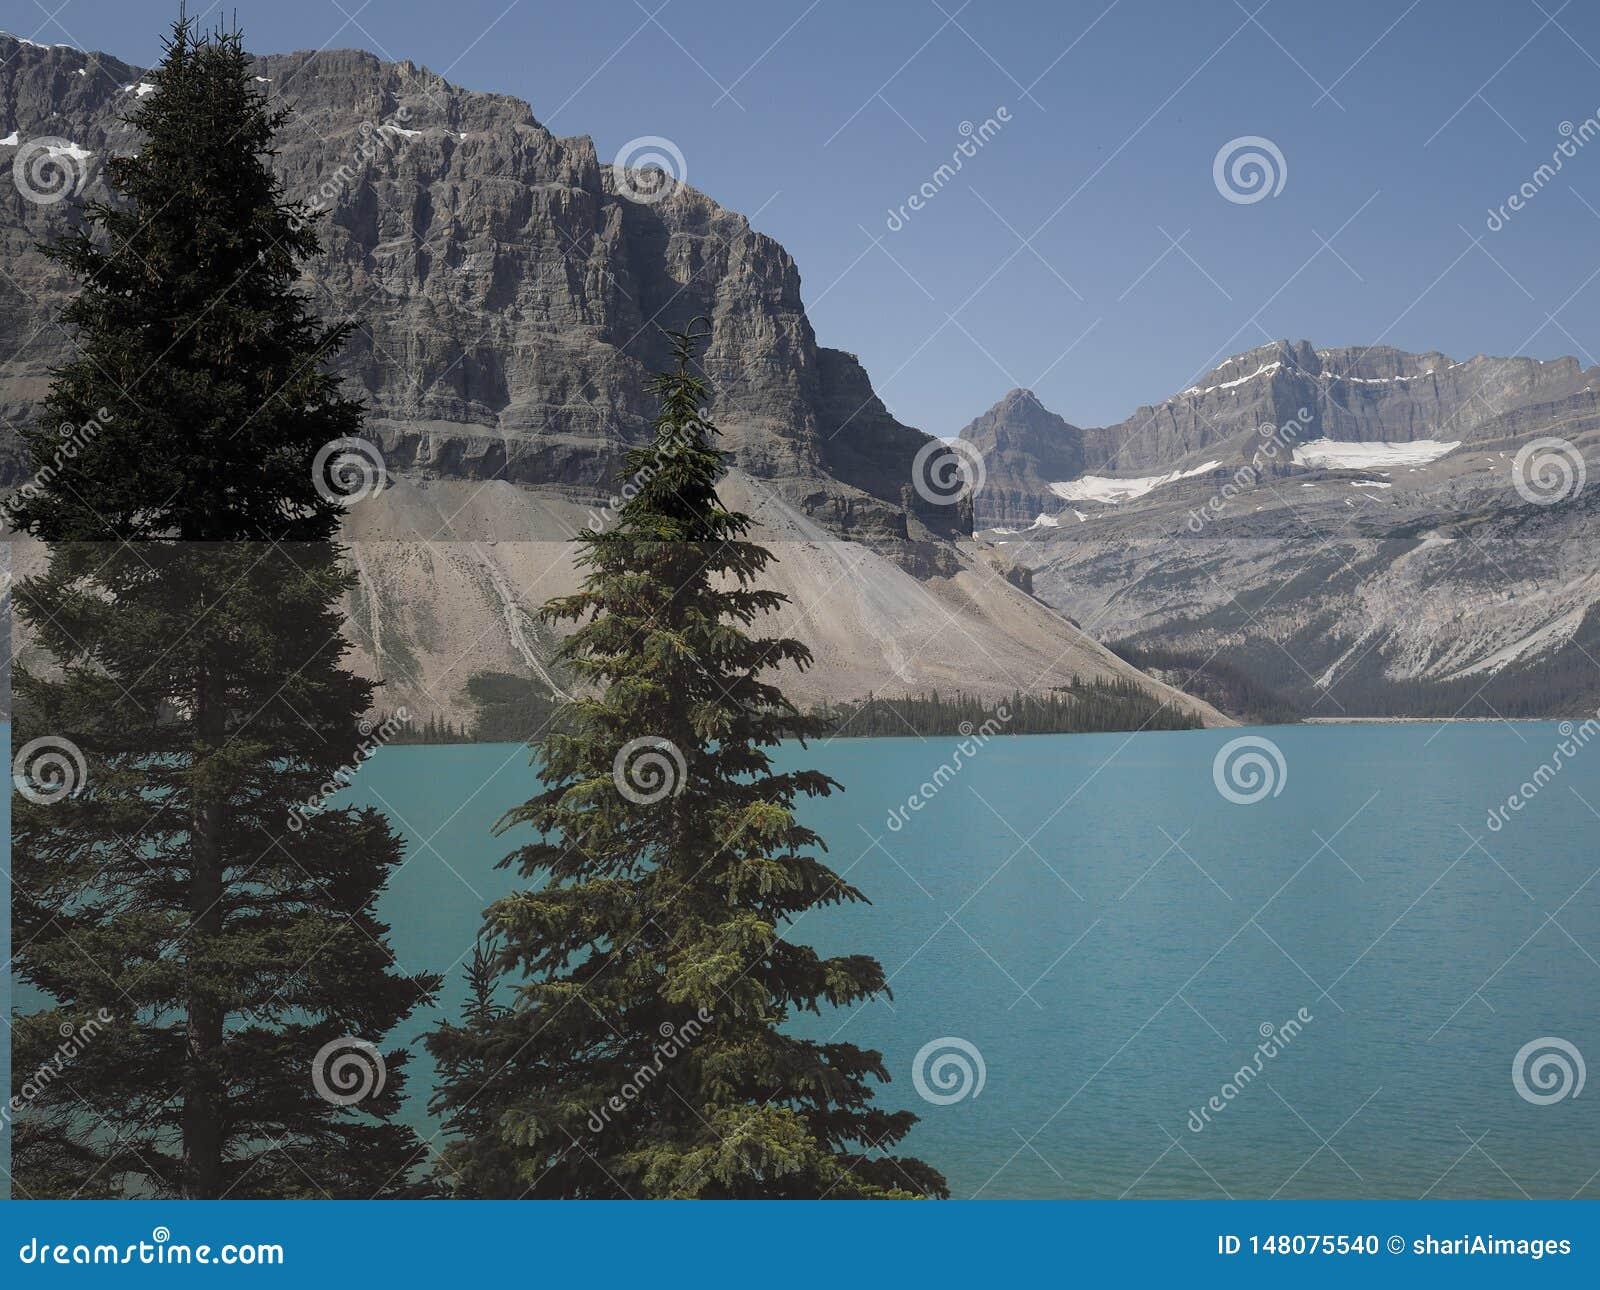 Imagem colorida do lago bow, Alberta Canada em um dia claro no verão